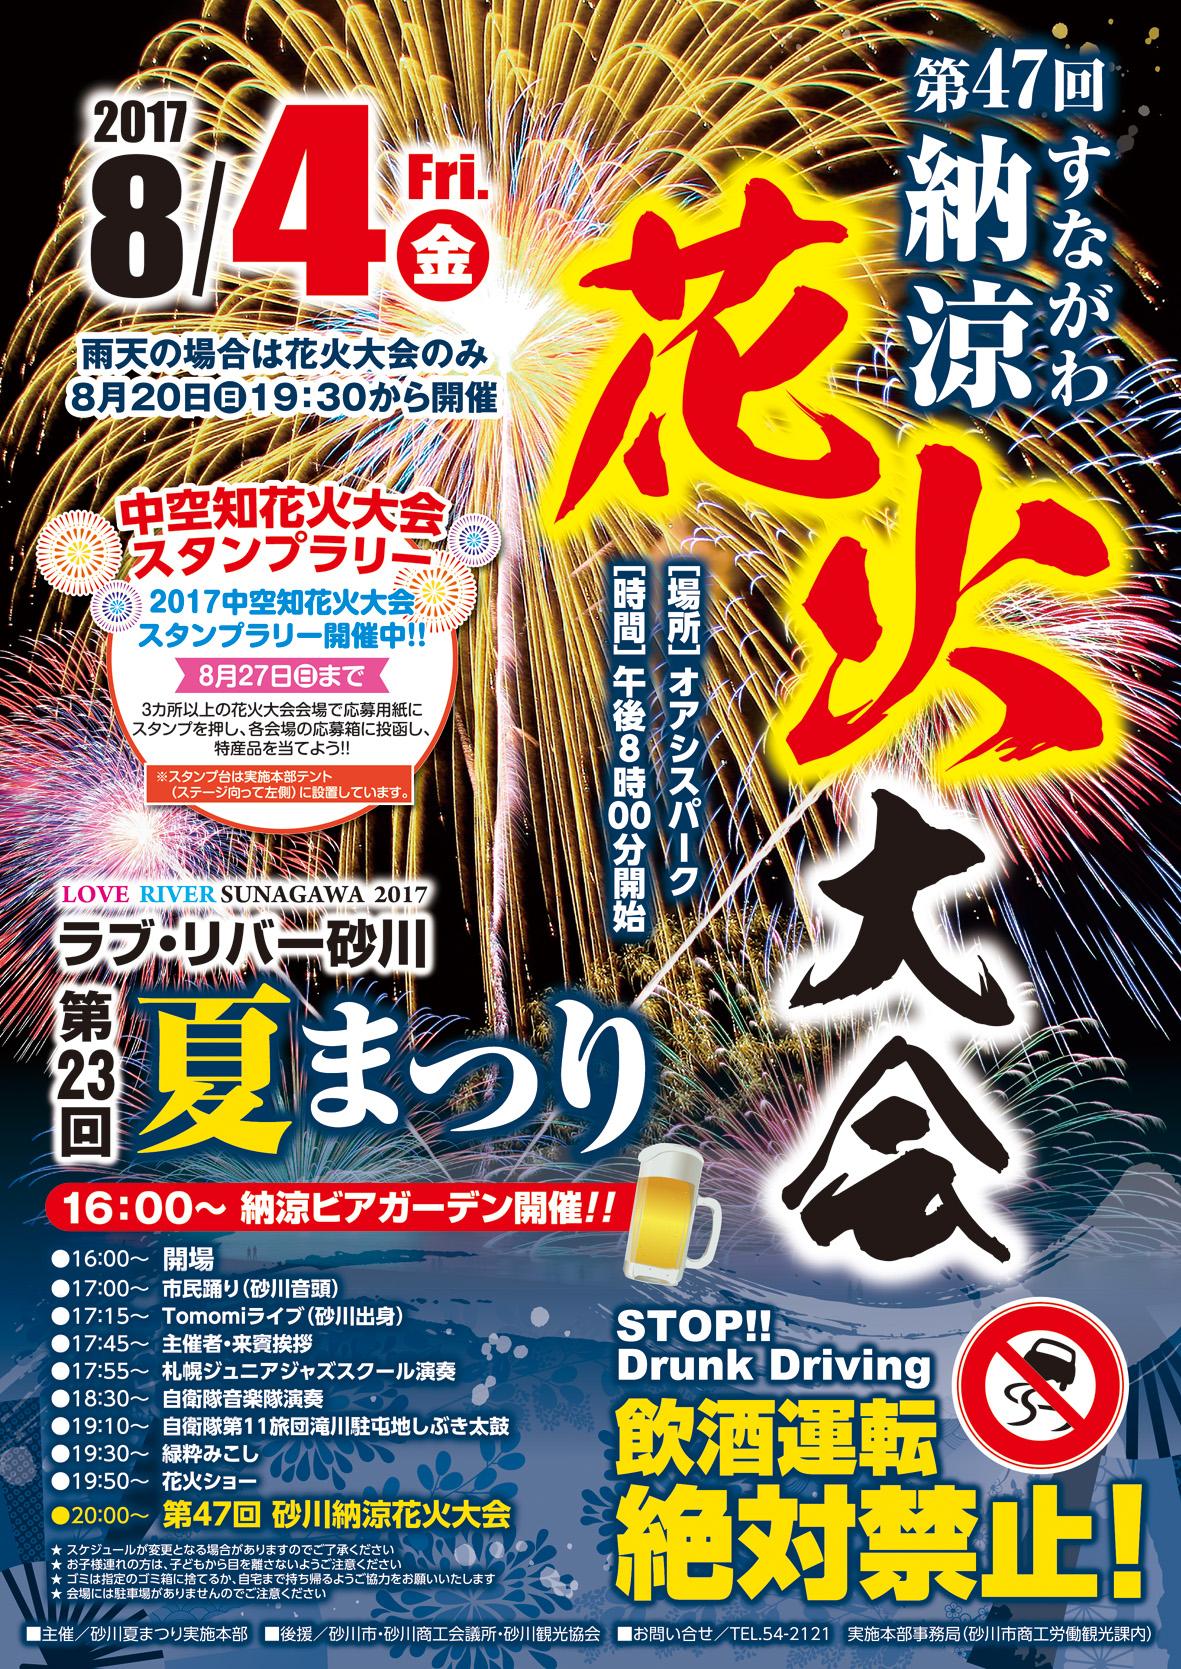 第23回ラブ・リバー砂川夏まつり(2017年)のポスター